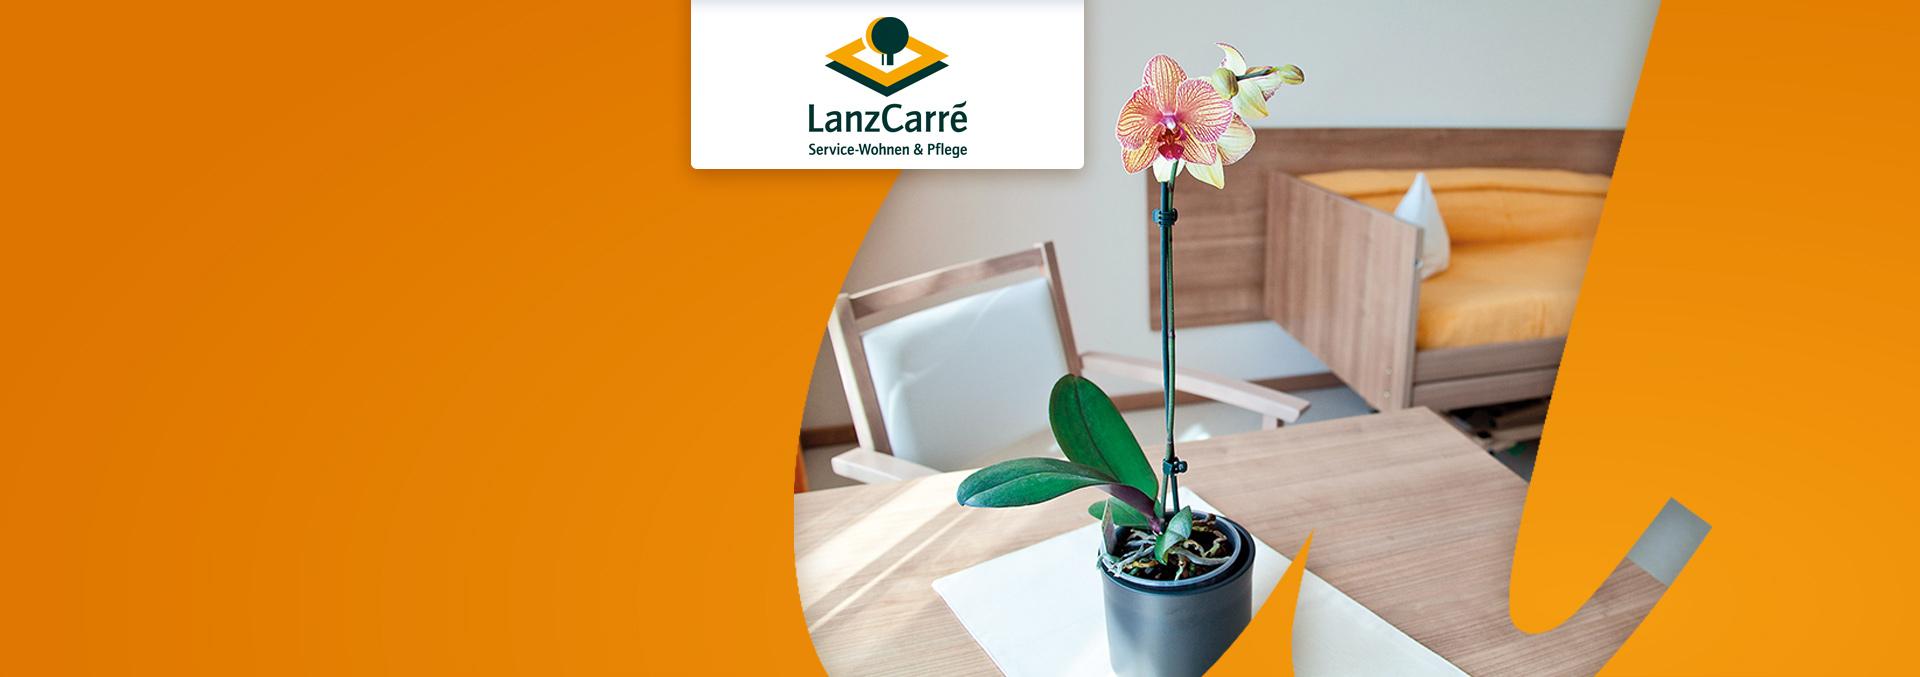 Service-Wohnen und Pflege LanzCarré Pflegezimmer, eine Pflanze steht auf einer kleinen Decke auf einem Holztisch